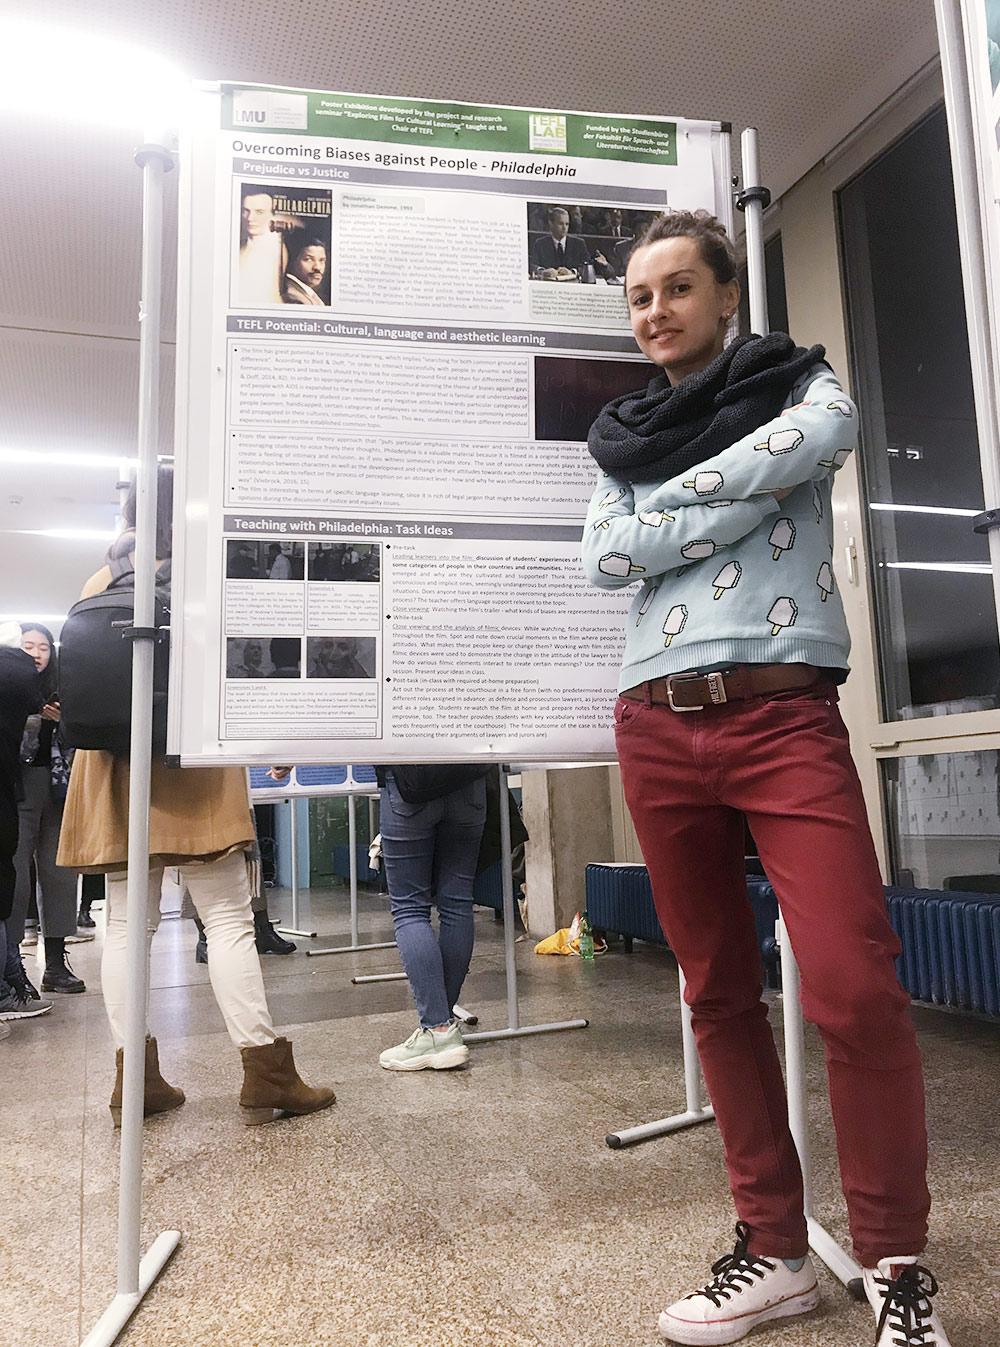 На защите диплома я представляла постер на основе фильма «Филадельфия» об истории заболевшего ВИЧ адвоката-гея, которого несправедливо уволили с работы